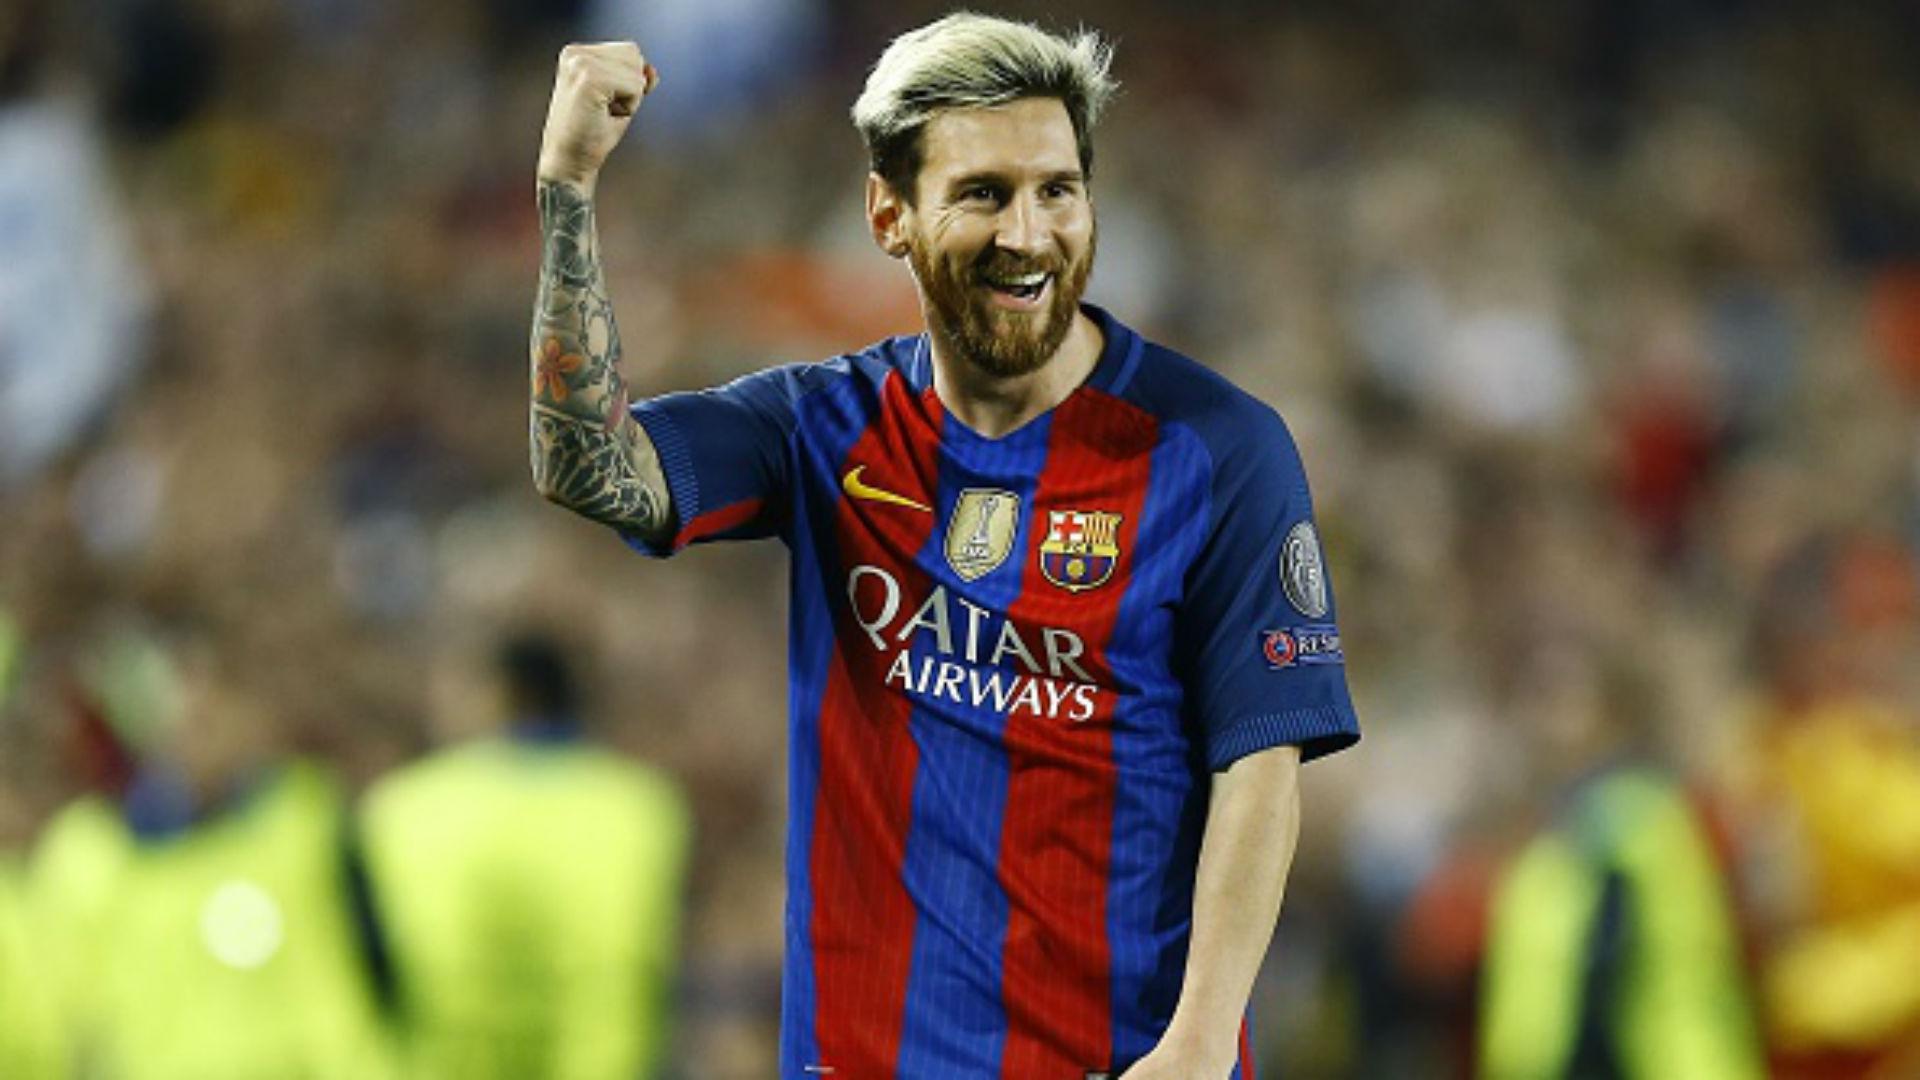 Barcelona Manchester City Champions League Fase de Grupos 2016/2017 Lionel Messi